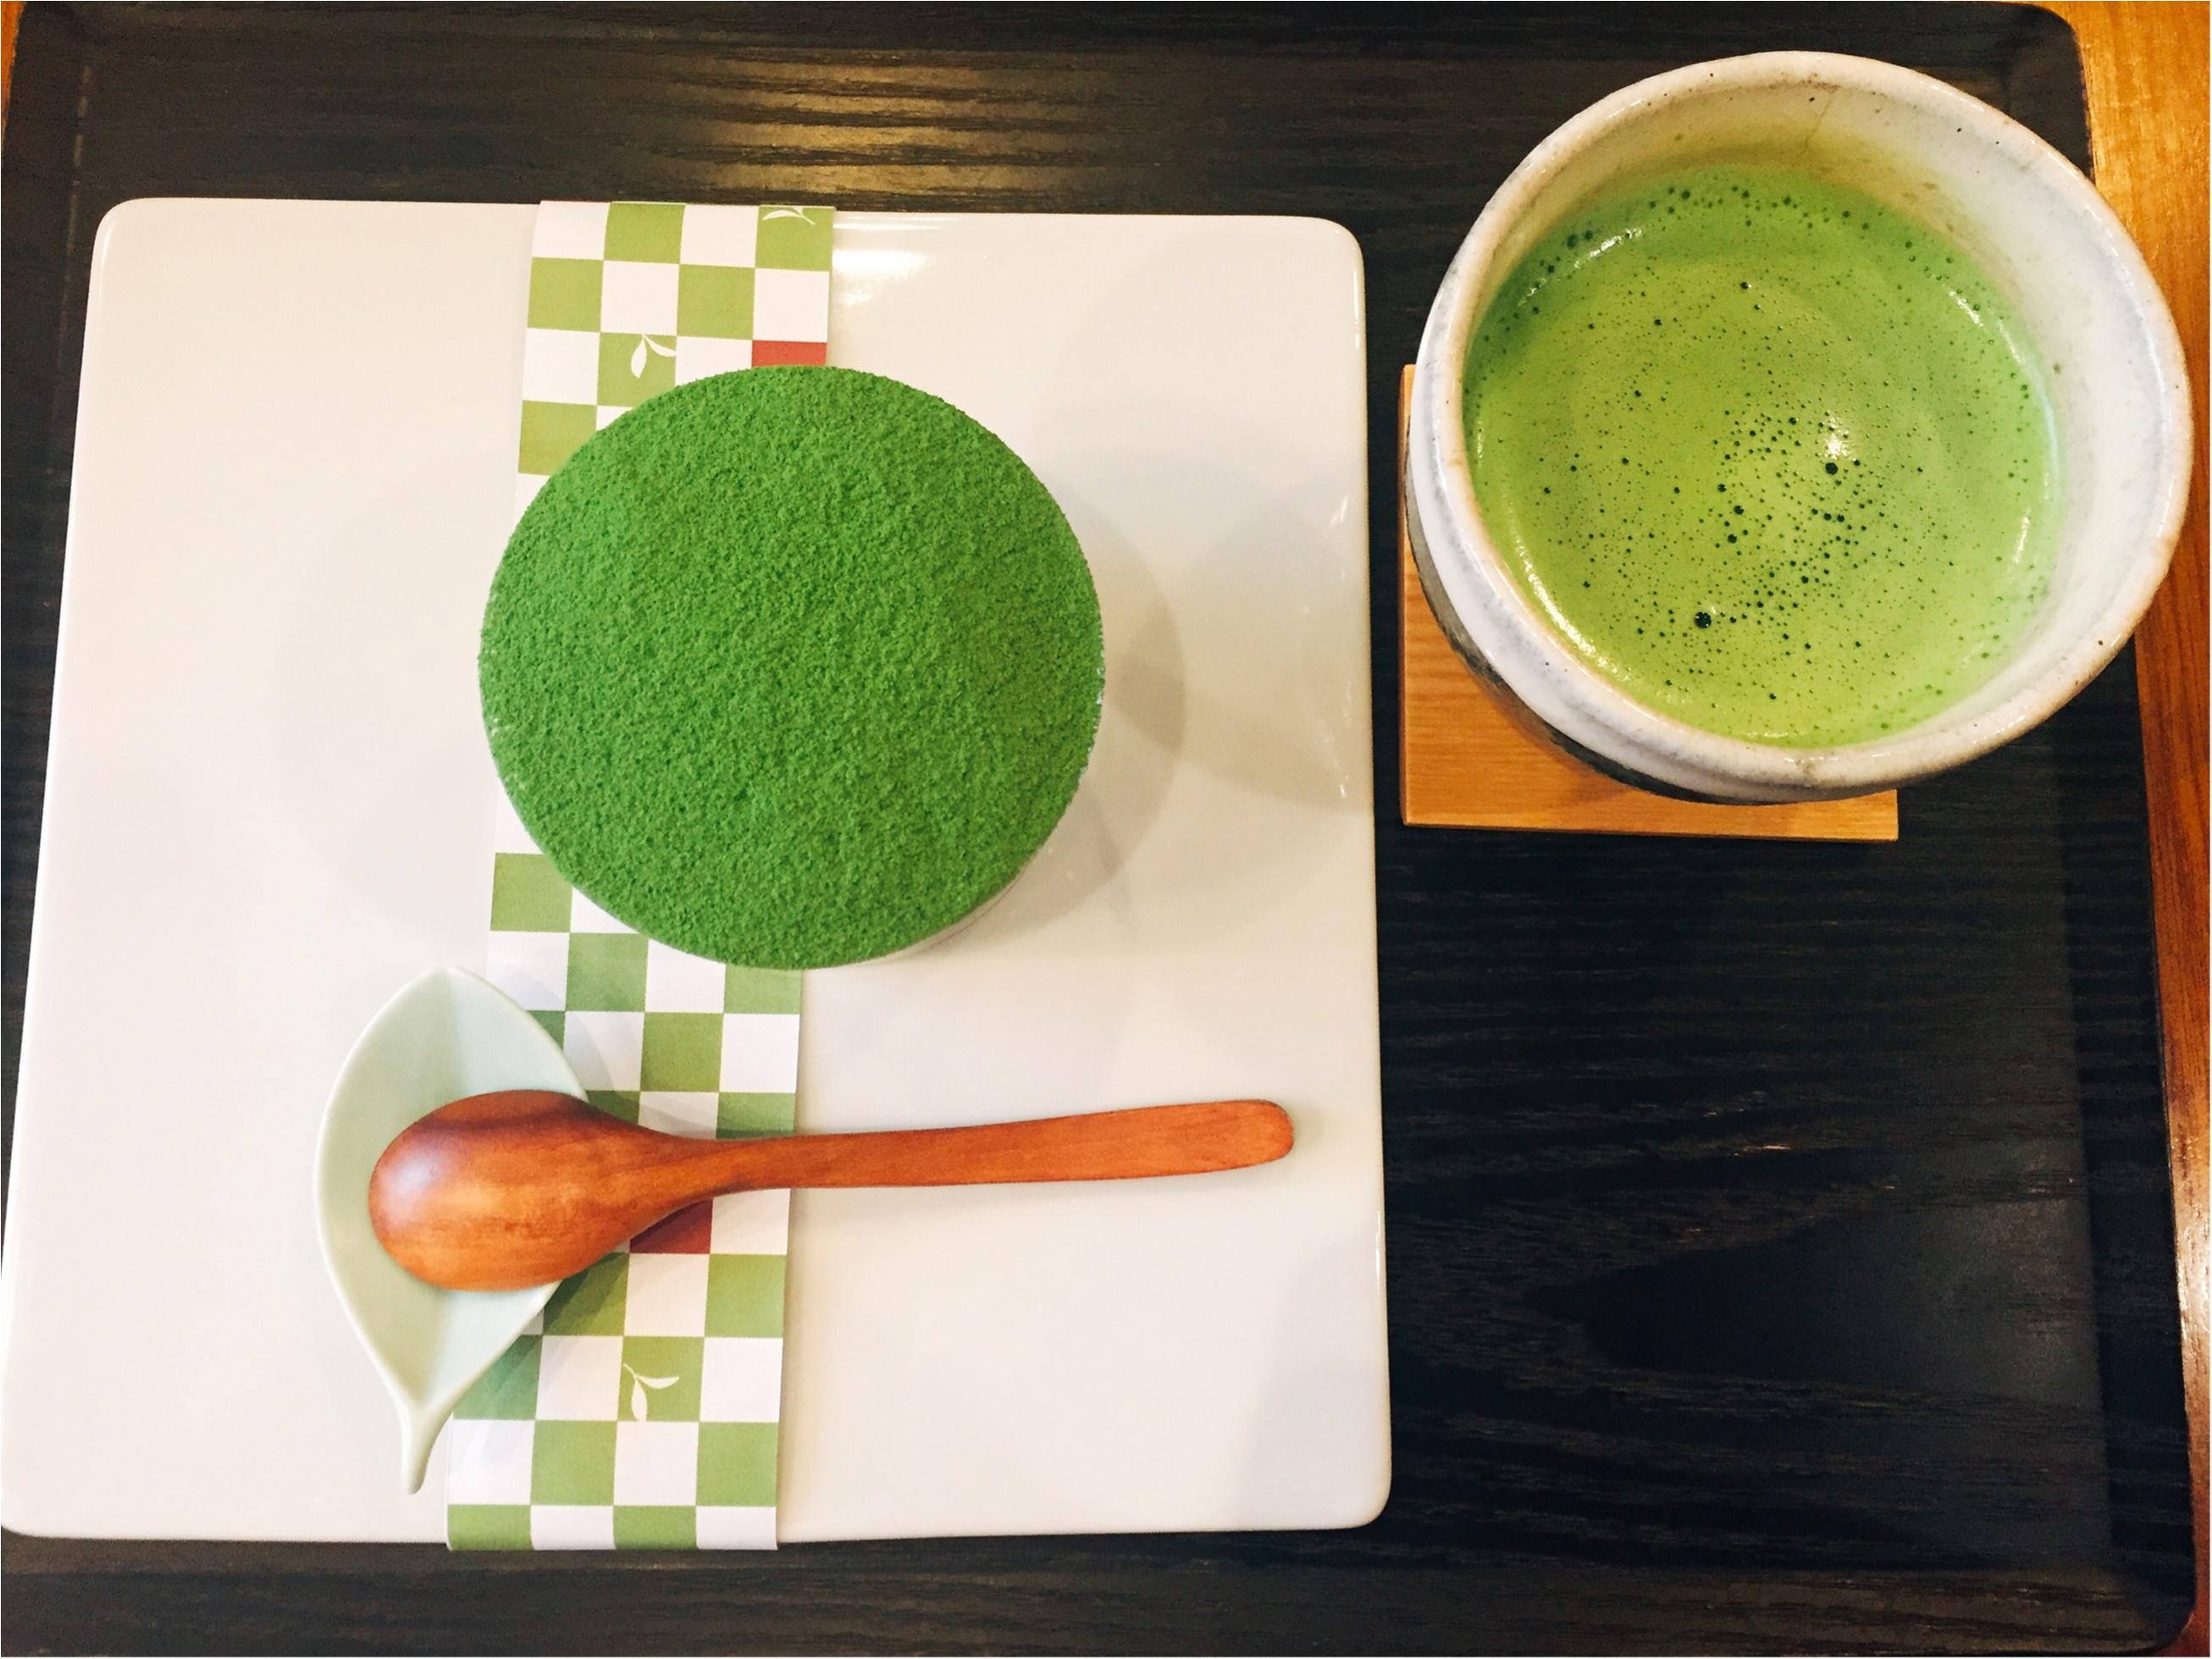 【表参道】日本茶が楽しめるカフェ♡期間限定《苺いり抹茶ティラミス》を食べに行きました♩_8_3